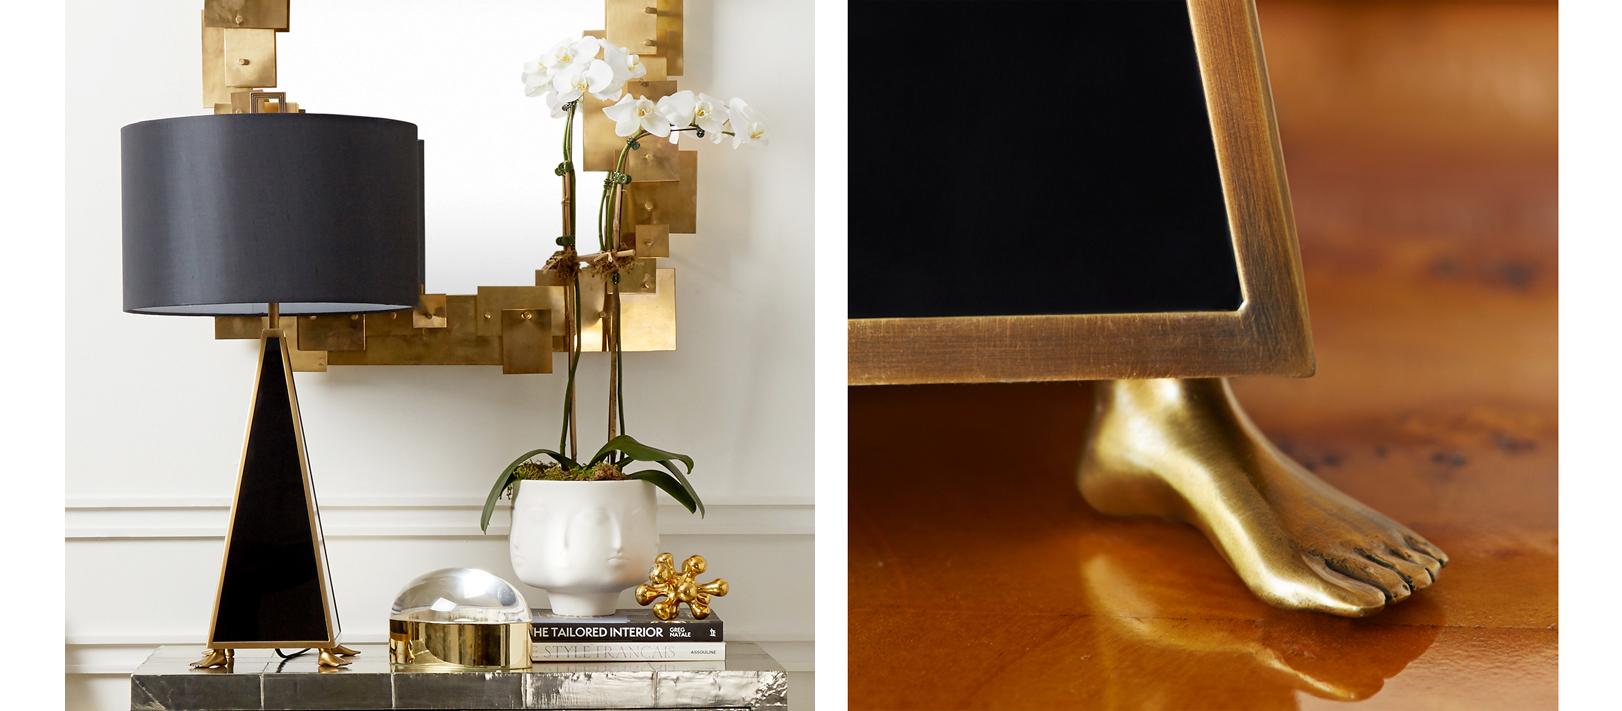 Constantine_lamp_feet_neoclassical_brass_jonathan_adler.jpg